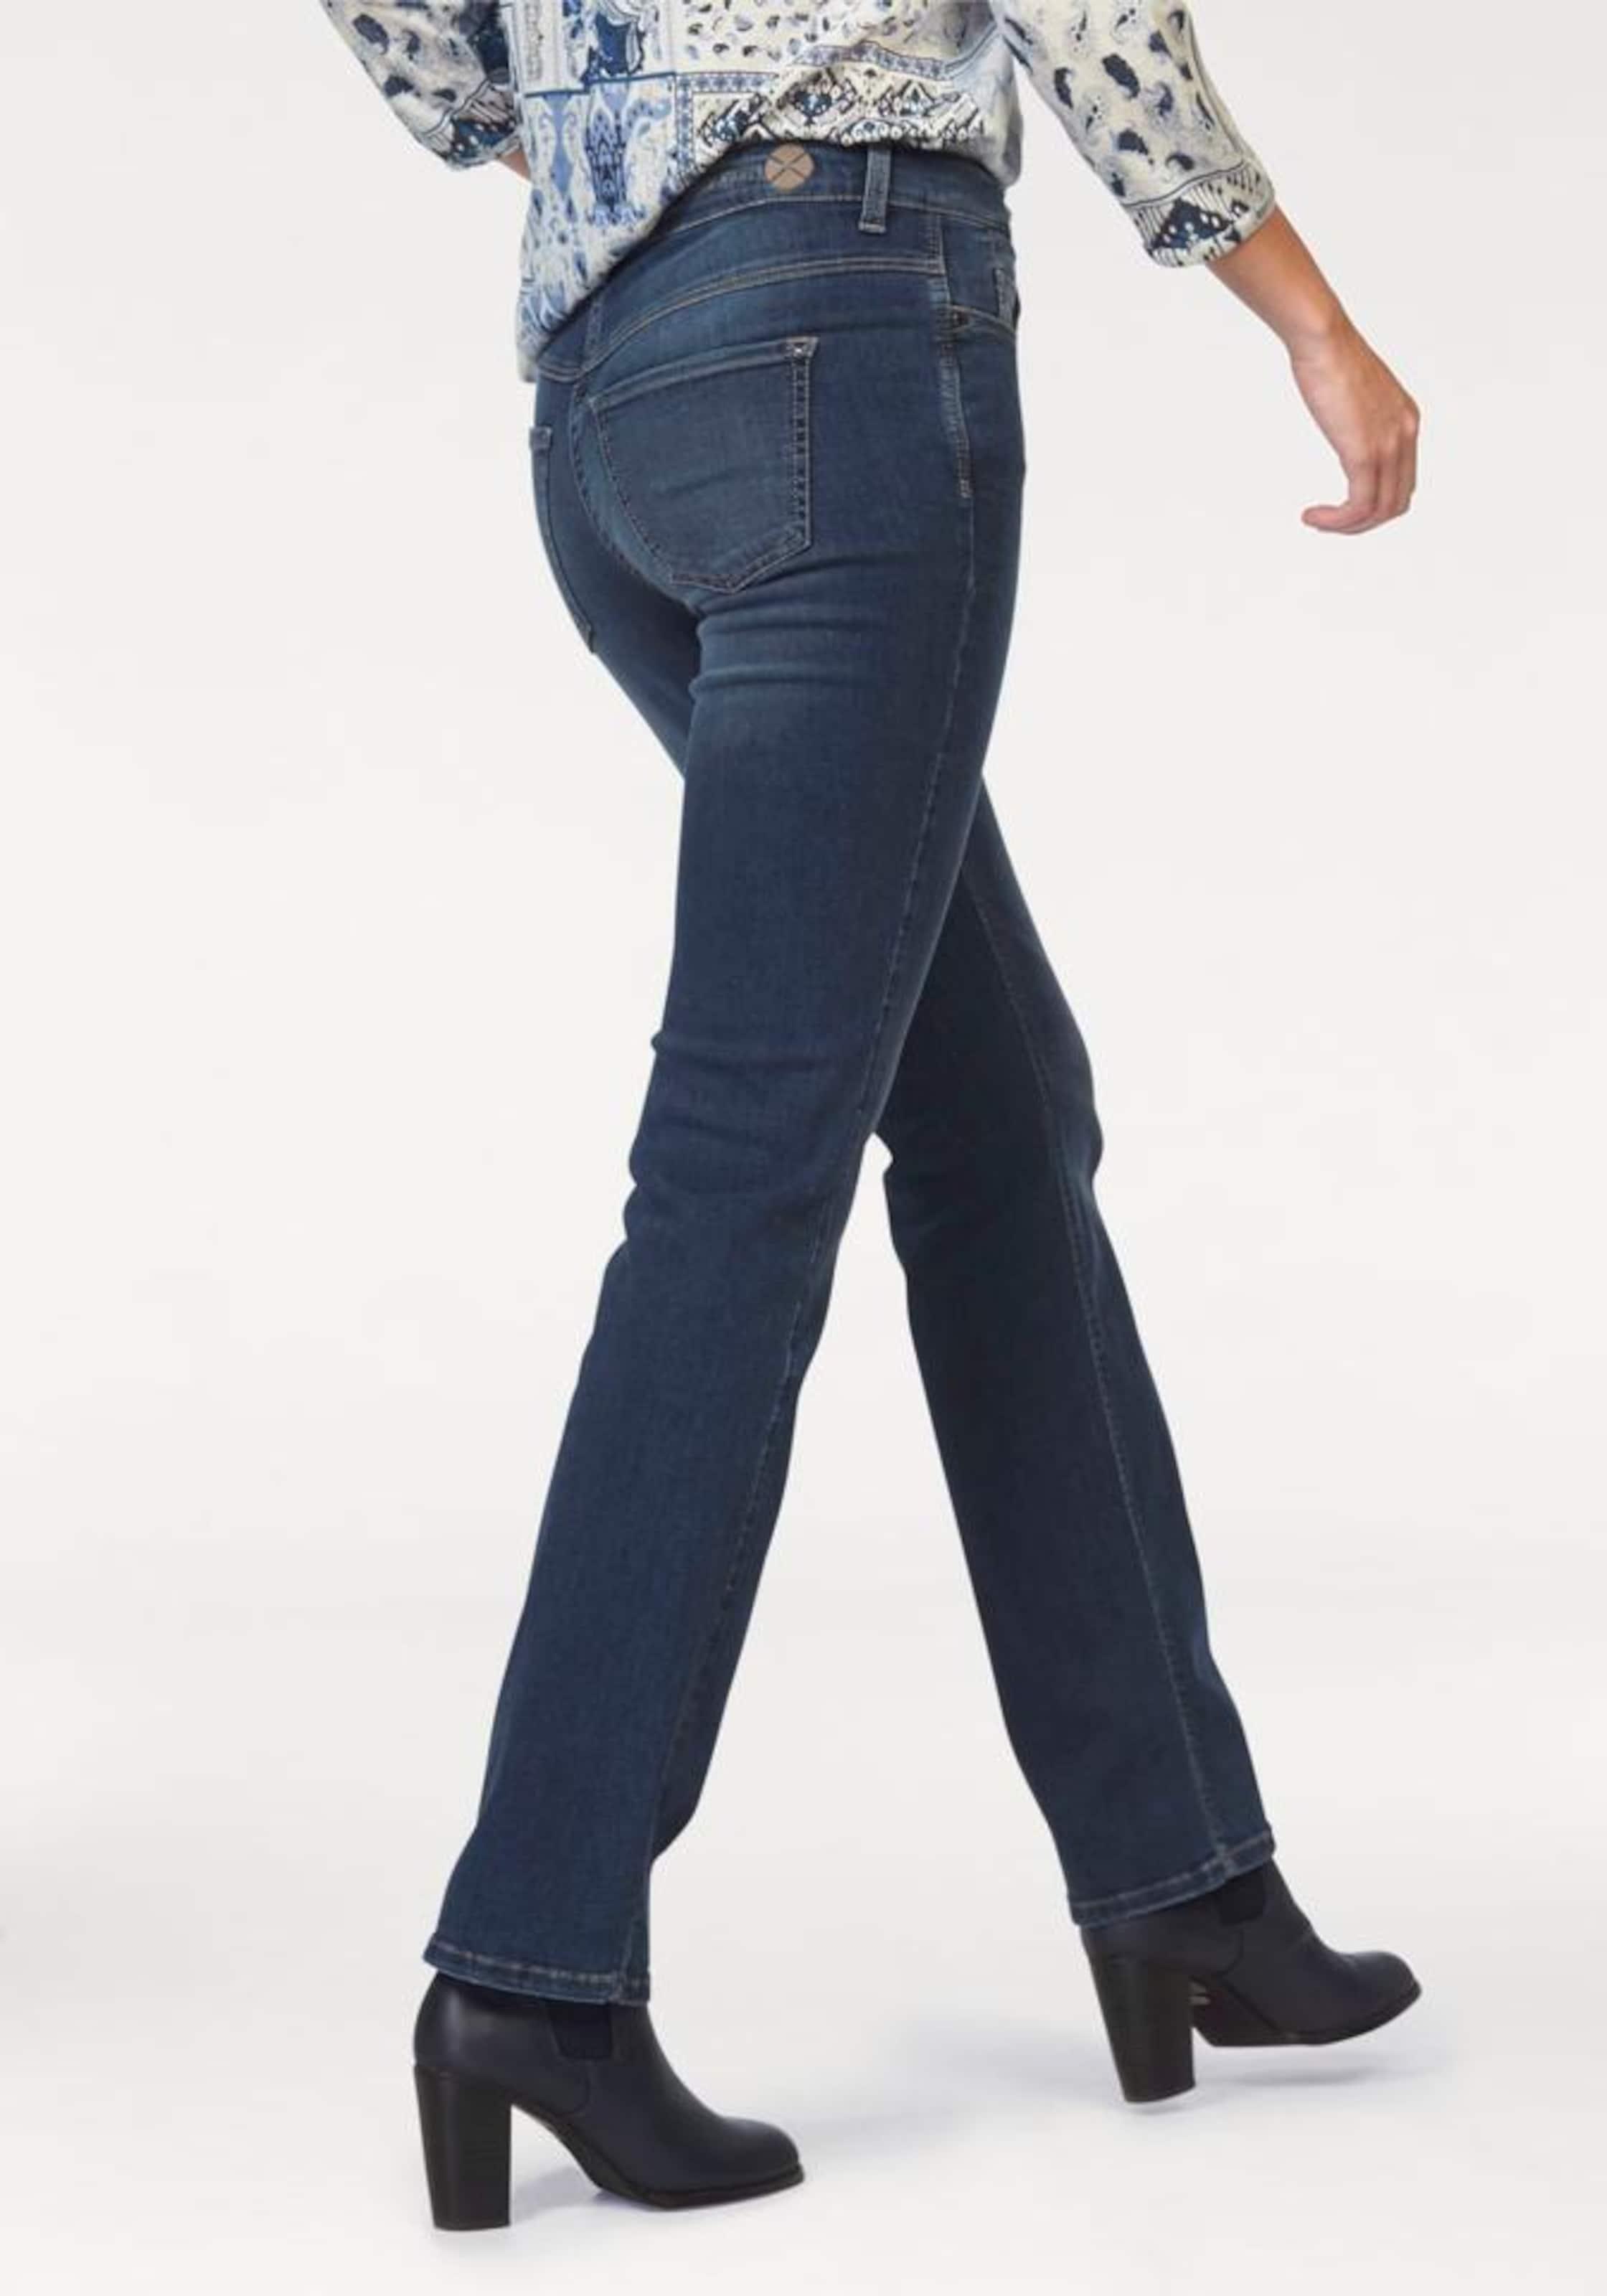 MAC 5-Pocket-Jeans 'Dream' Visa-Zahlung Zum Verkauf Verkauf Besten Platz Günstig Kaufen Sehr Billig Preiswerten Nagelneuen Unisex Schnelle Lieferung Zu Verkaufen Ivq6fUyNEF